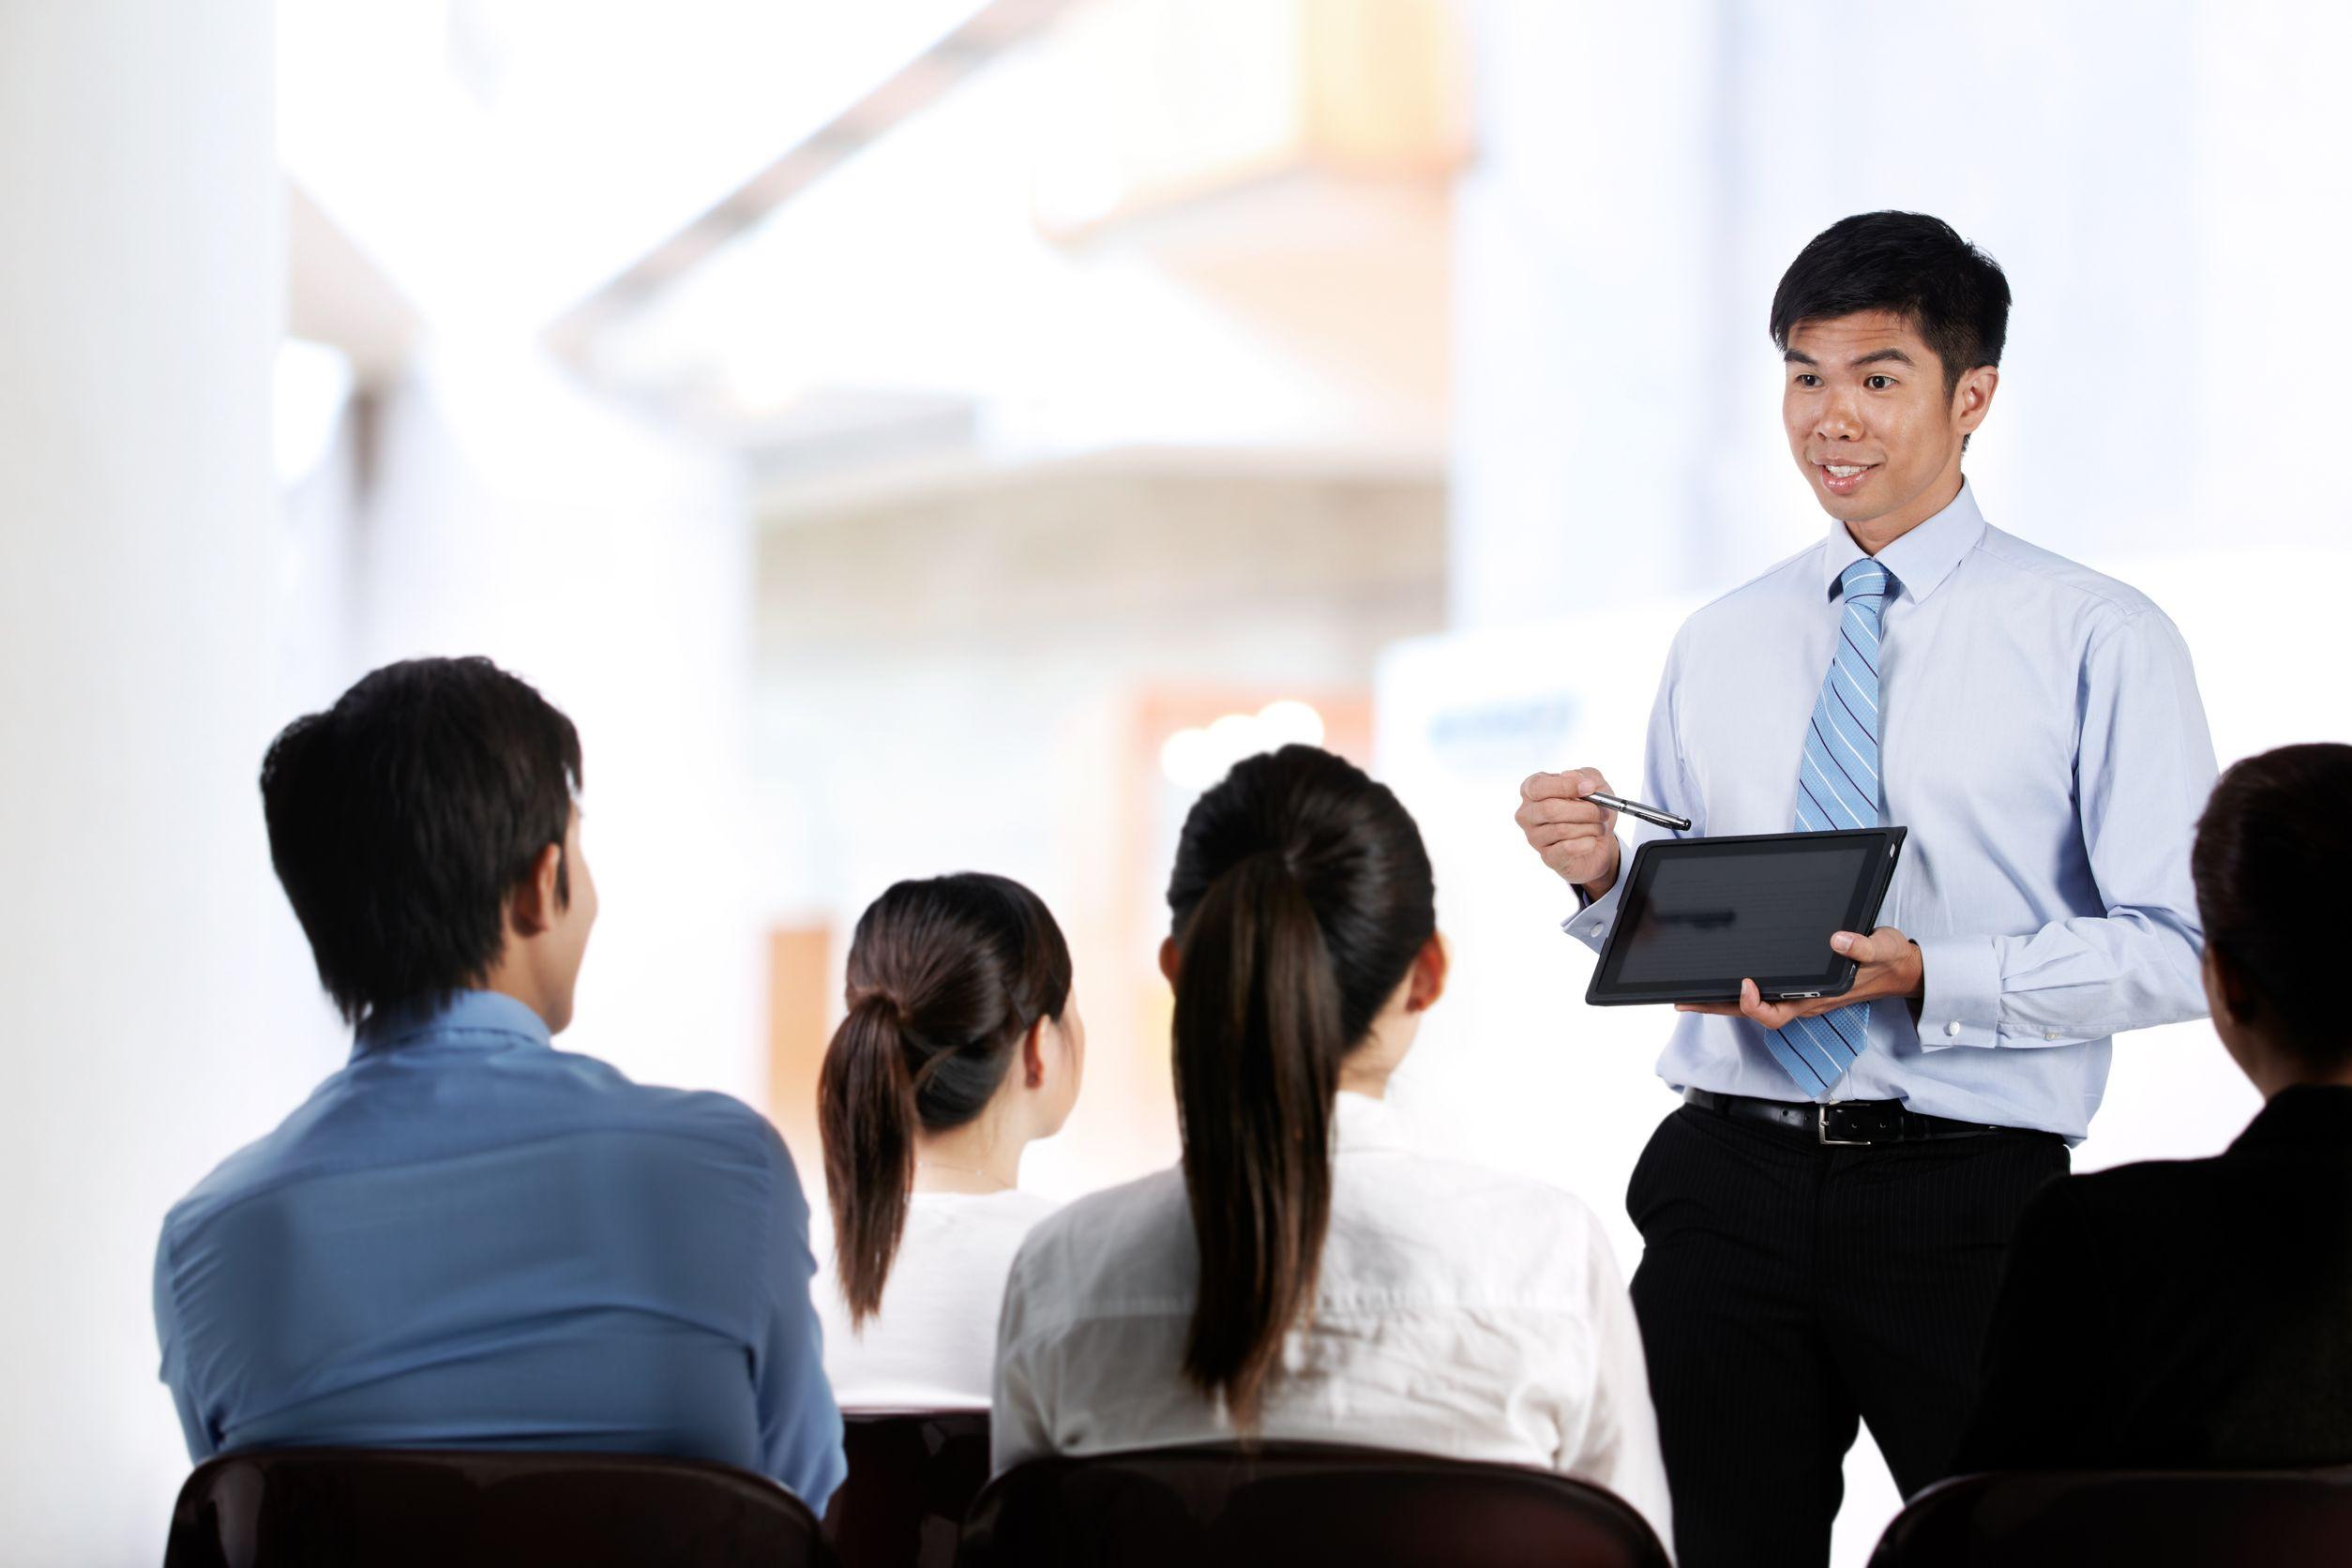 Presentation Skills IMNZ – Sales Presentation